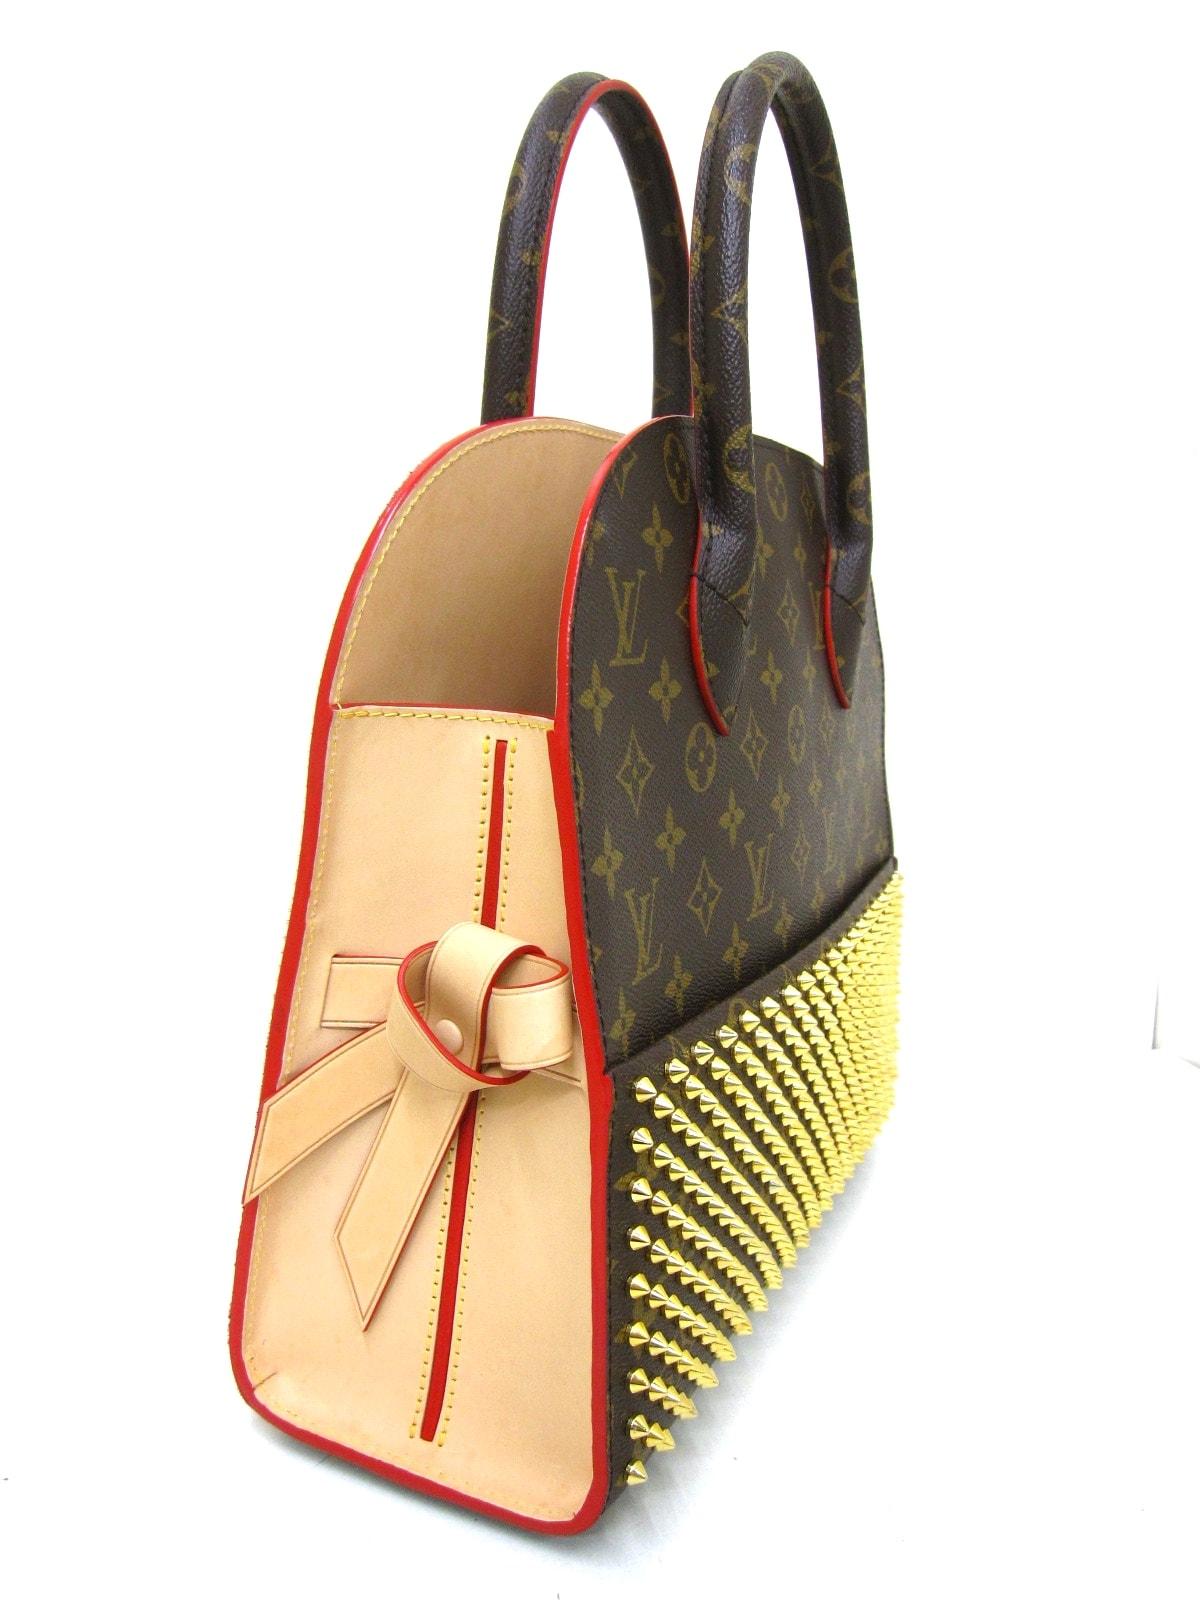 LOUIS VUITTON(ルイヴィトン)のアイコノクラスト ショッピングバッグ